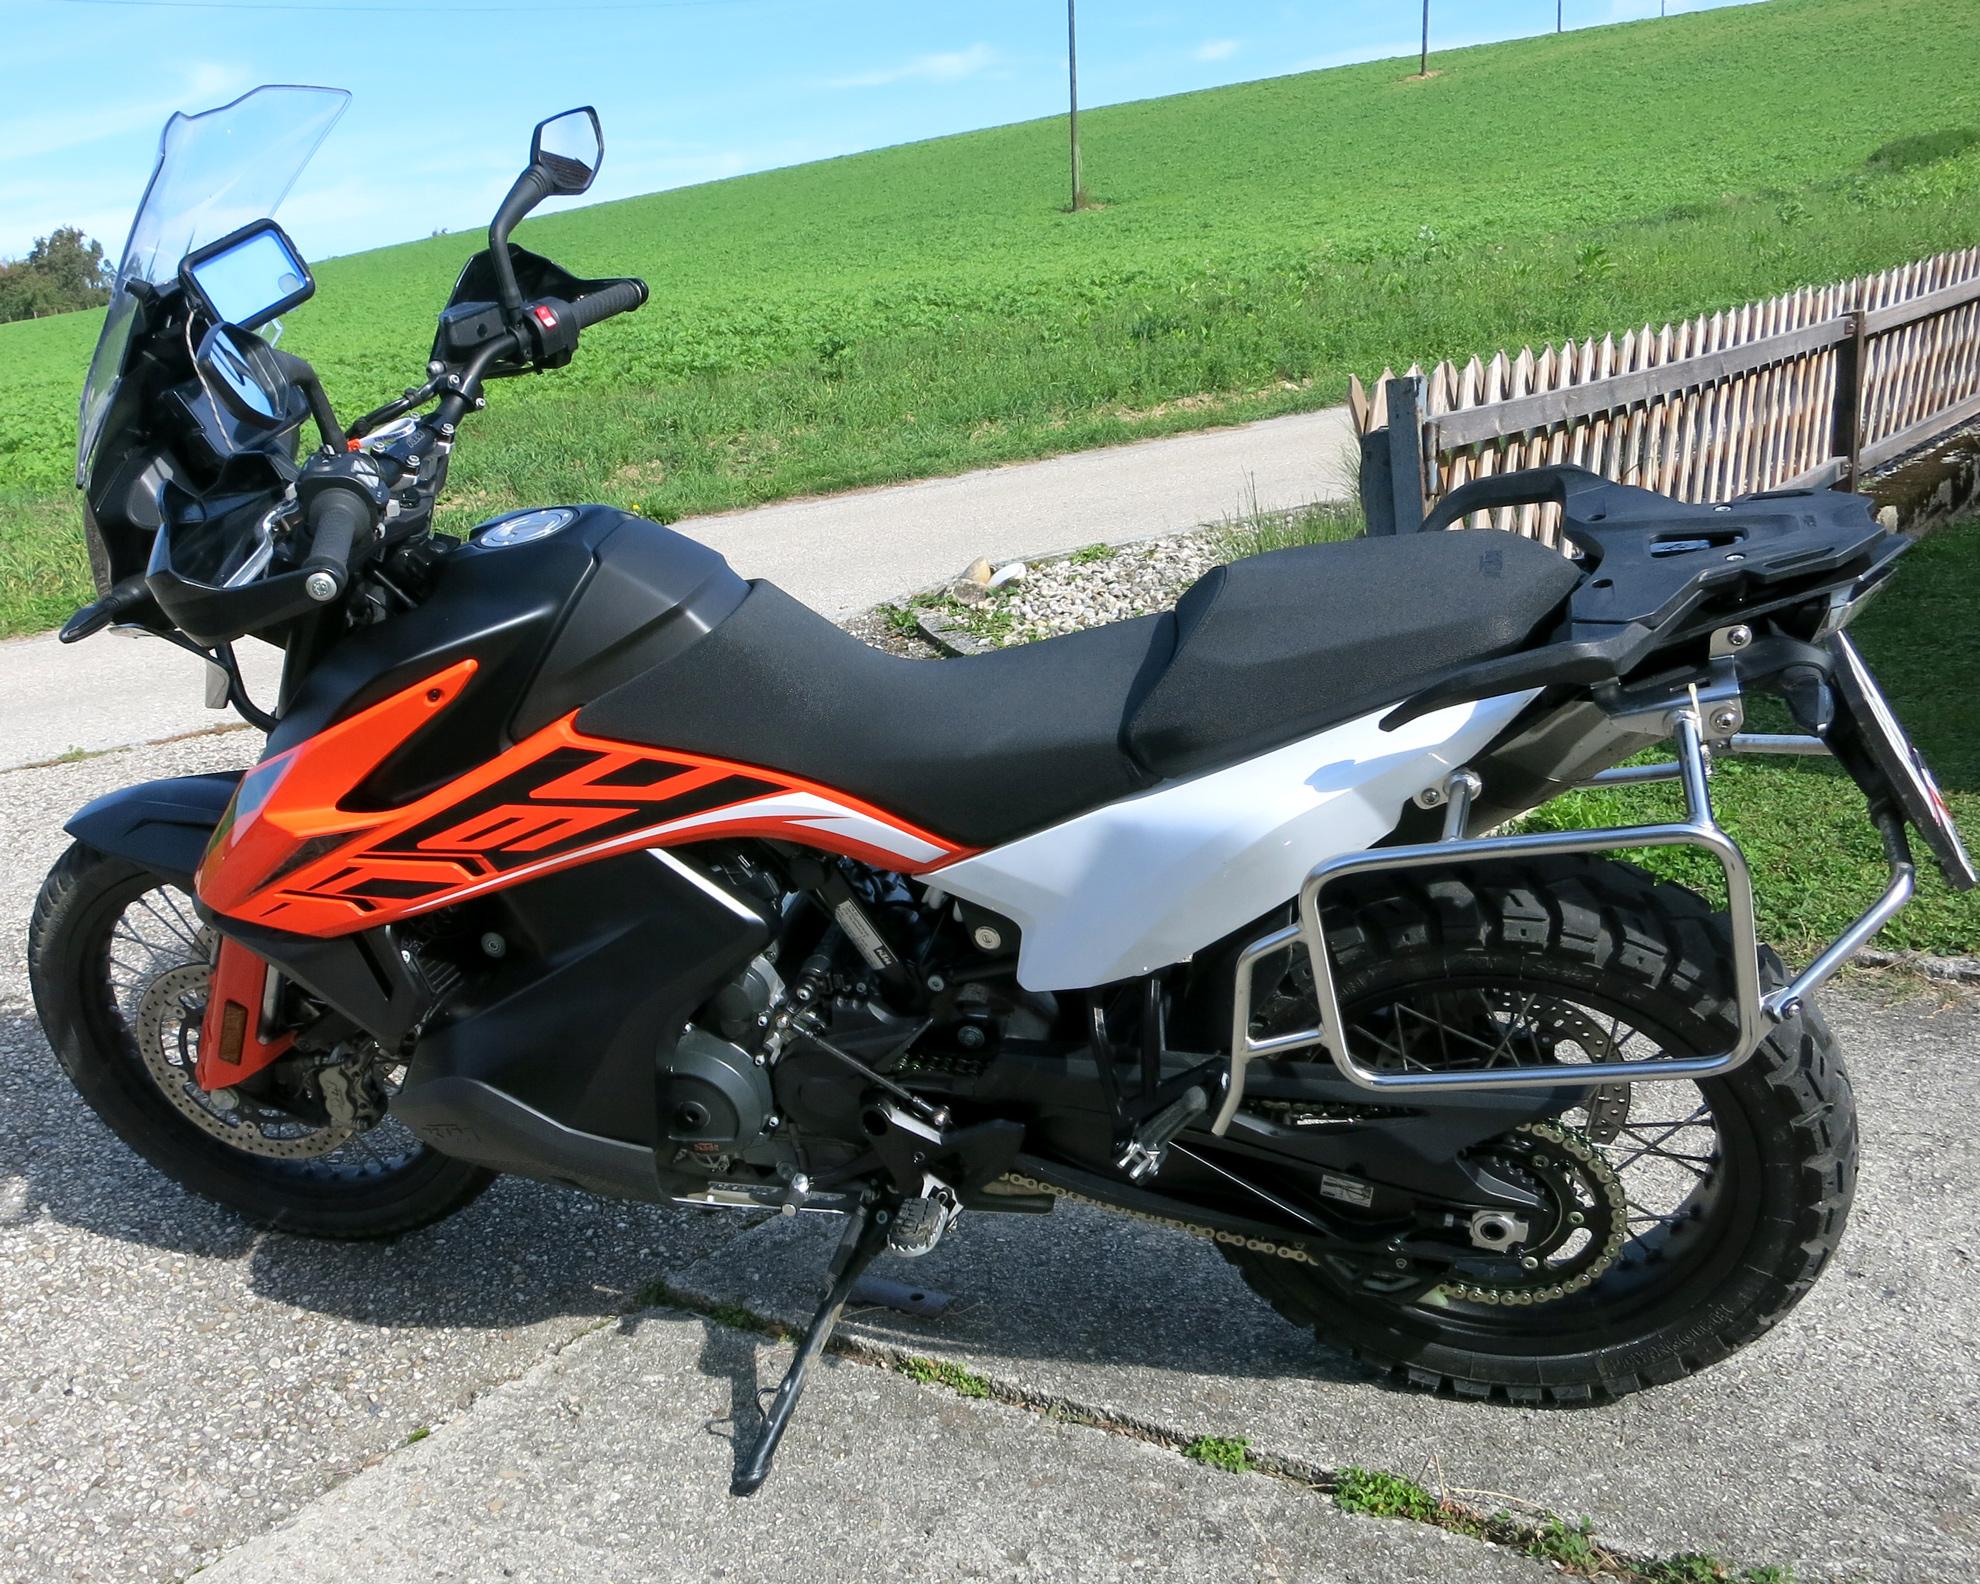 KTM-790-AdventureS-schalthebel2